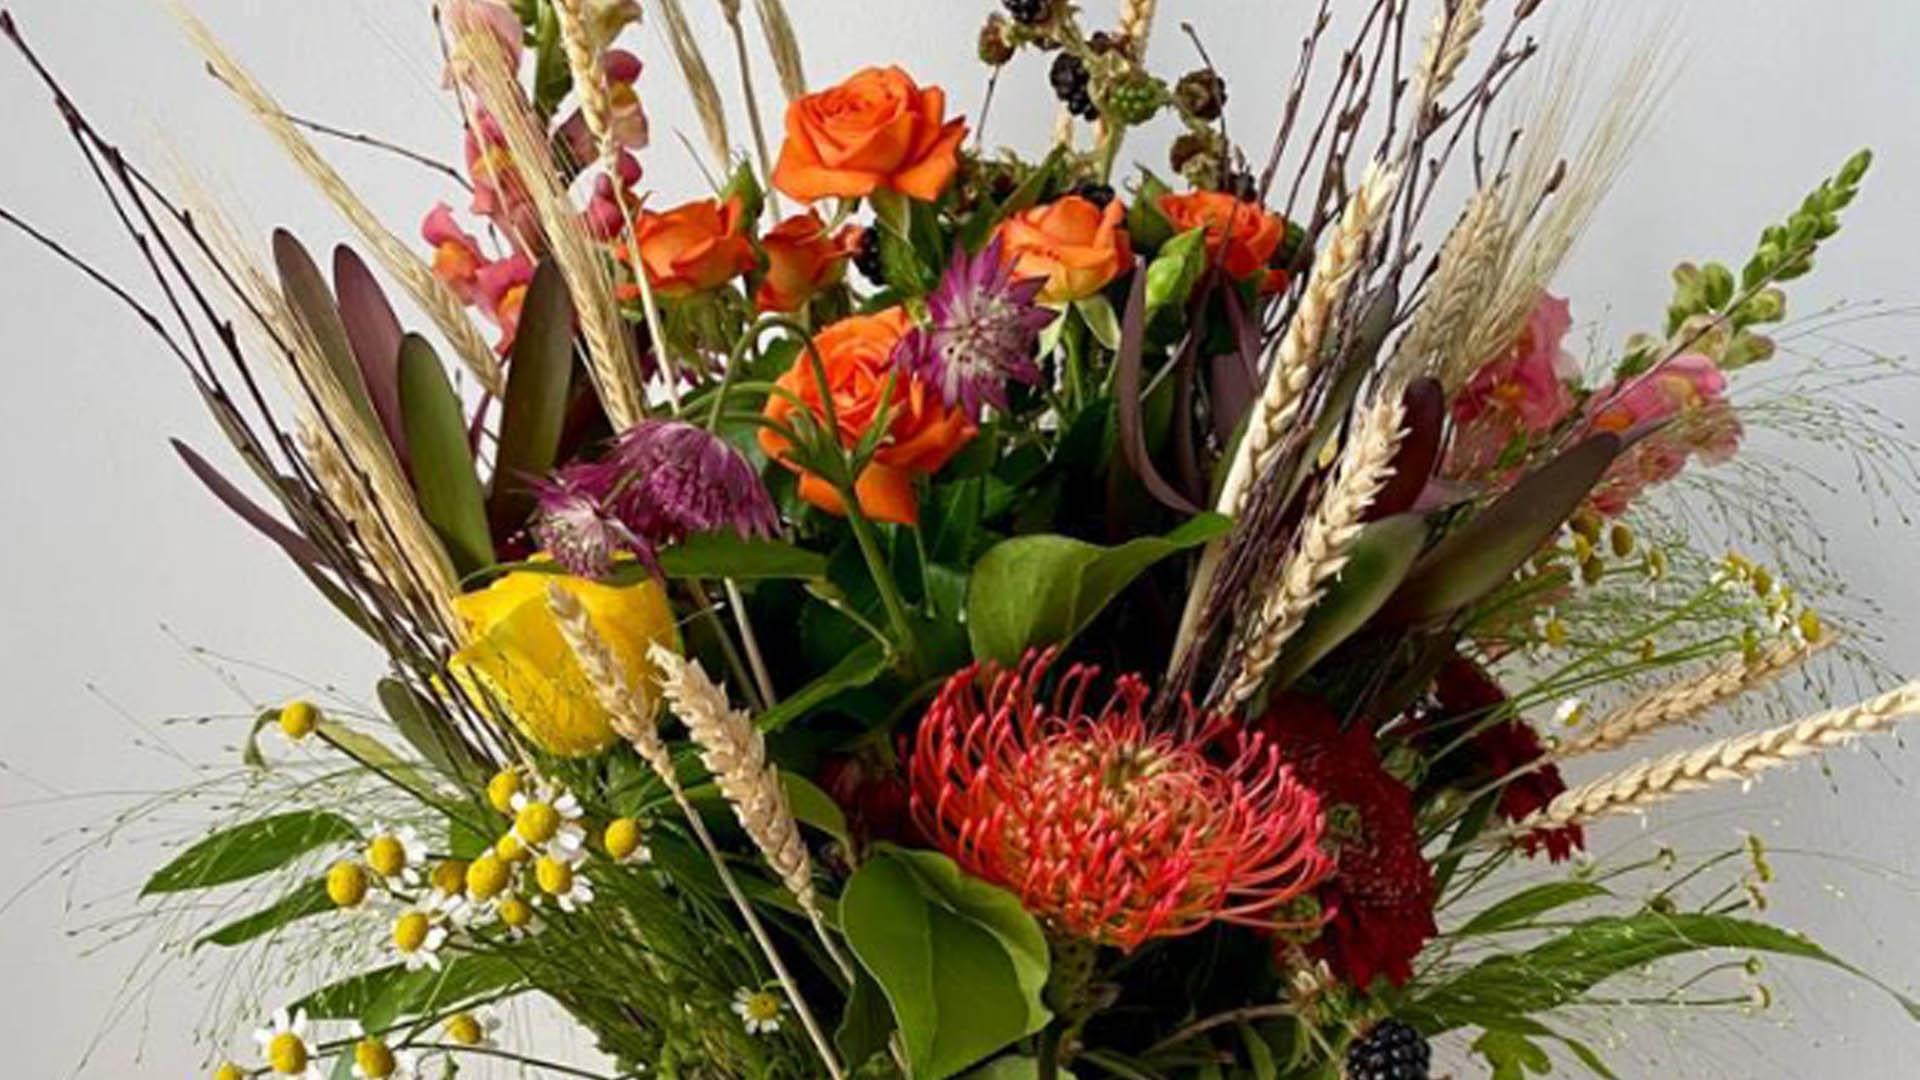 Floral Arrangement in a Willow Vase slider